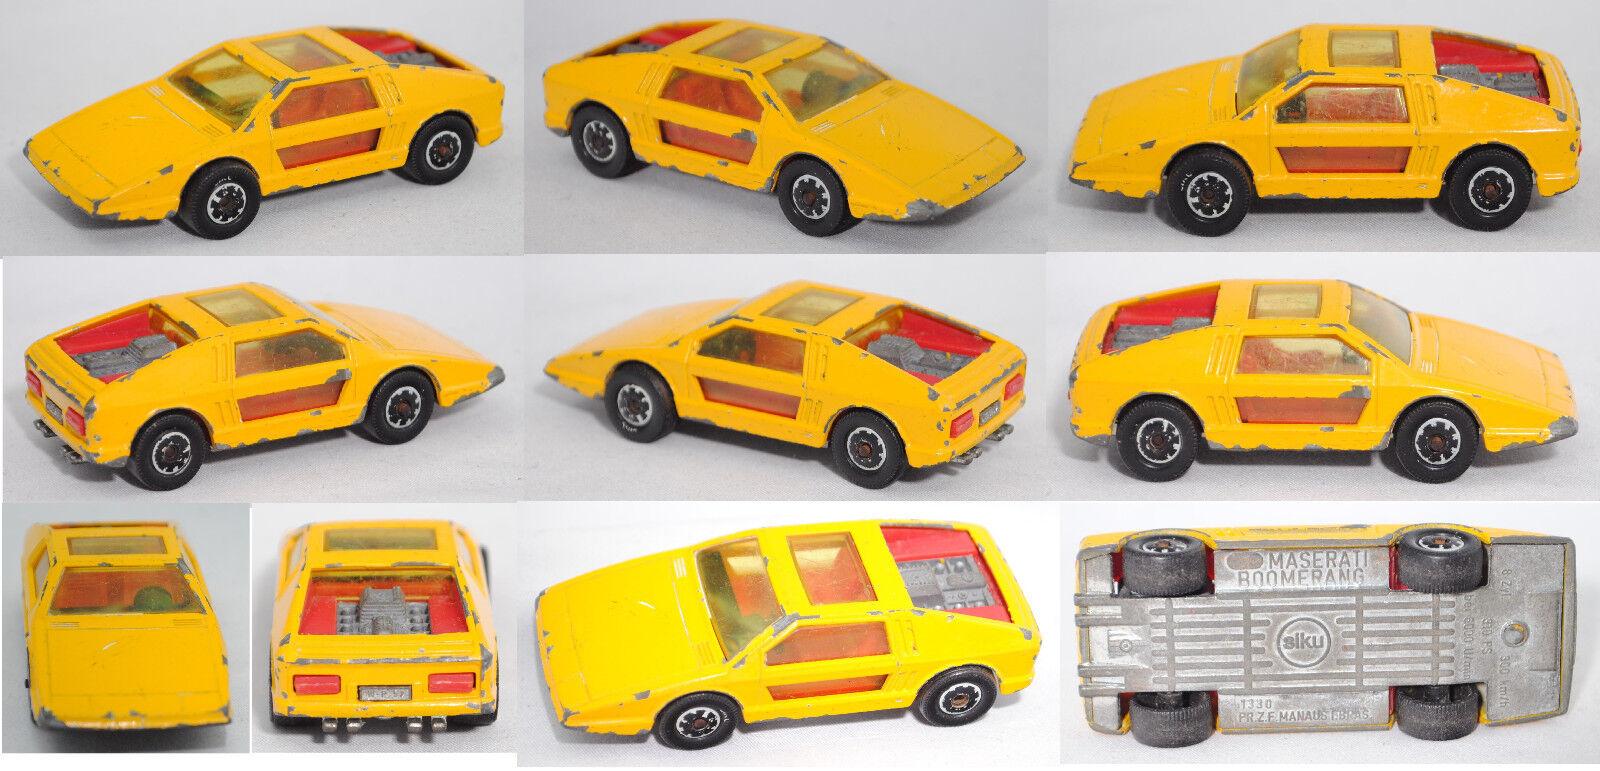 Siku Super Super Super 1330 Maserati Boomerang, Bpr. PR.Z.F.MANAUS I.BRAS., Siku Brasilien a7cc0c